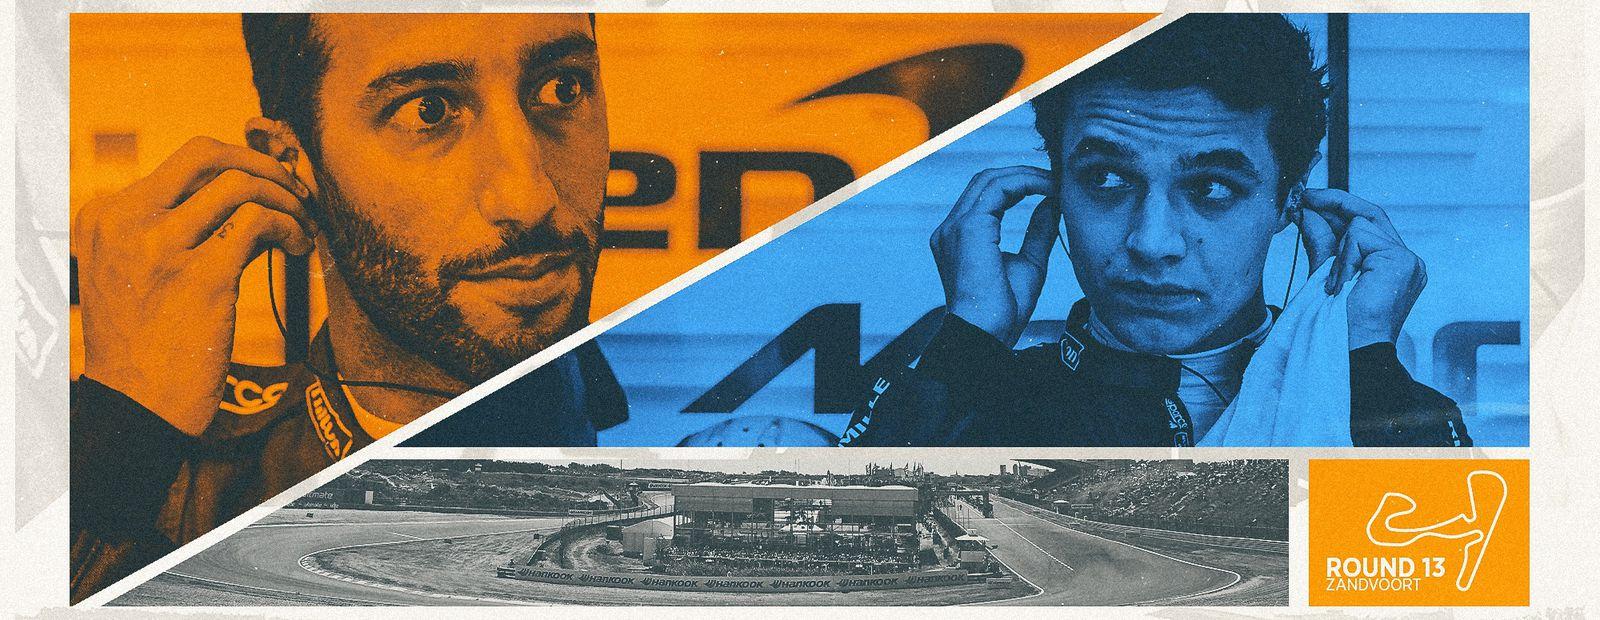 Todo lo que necesita saber para el Gran Premio de Holanda